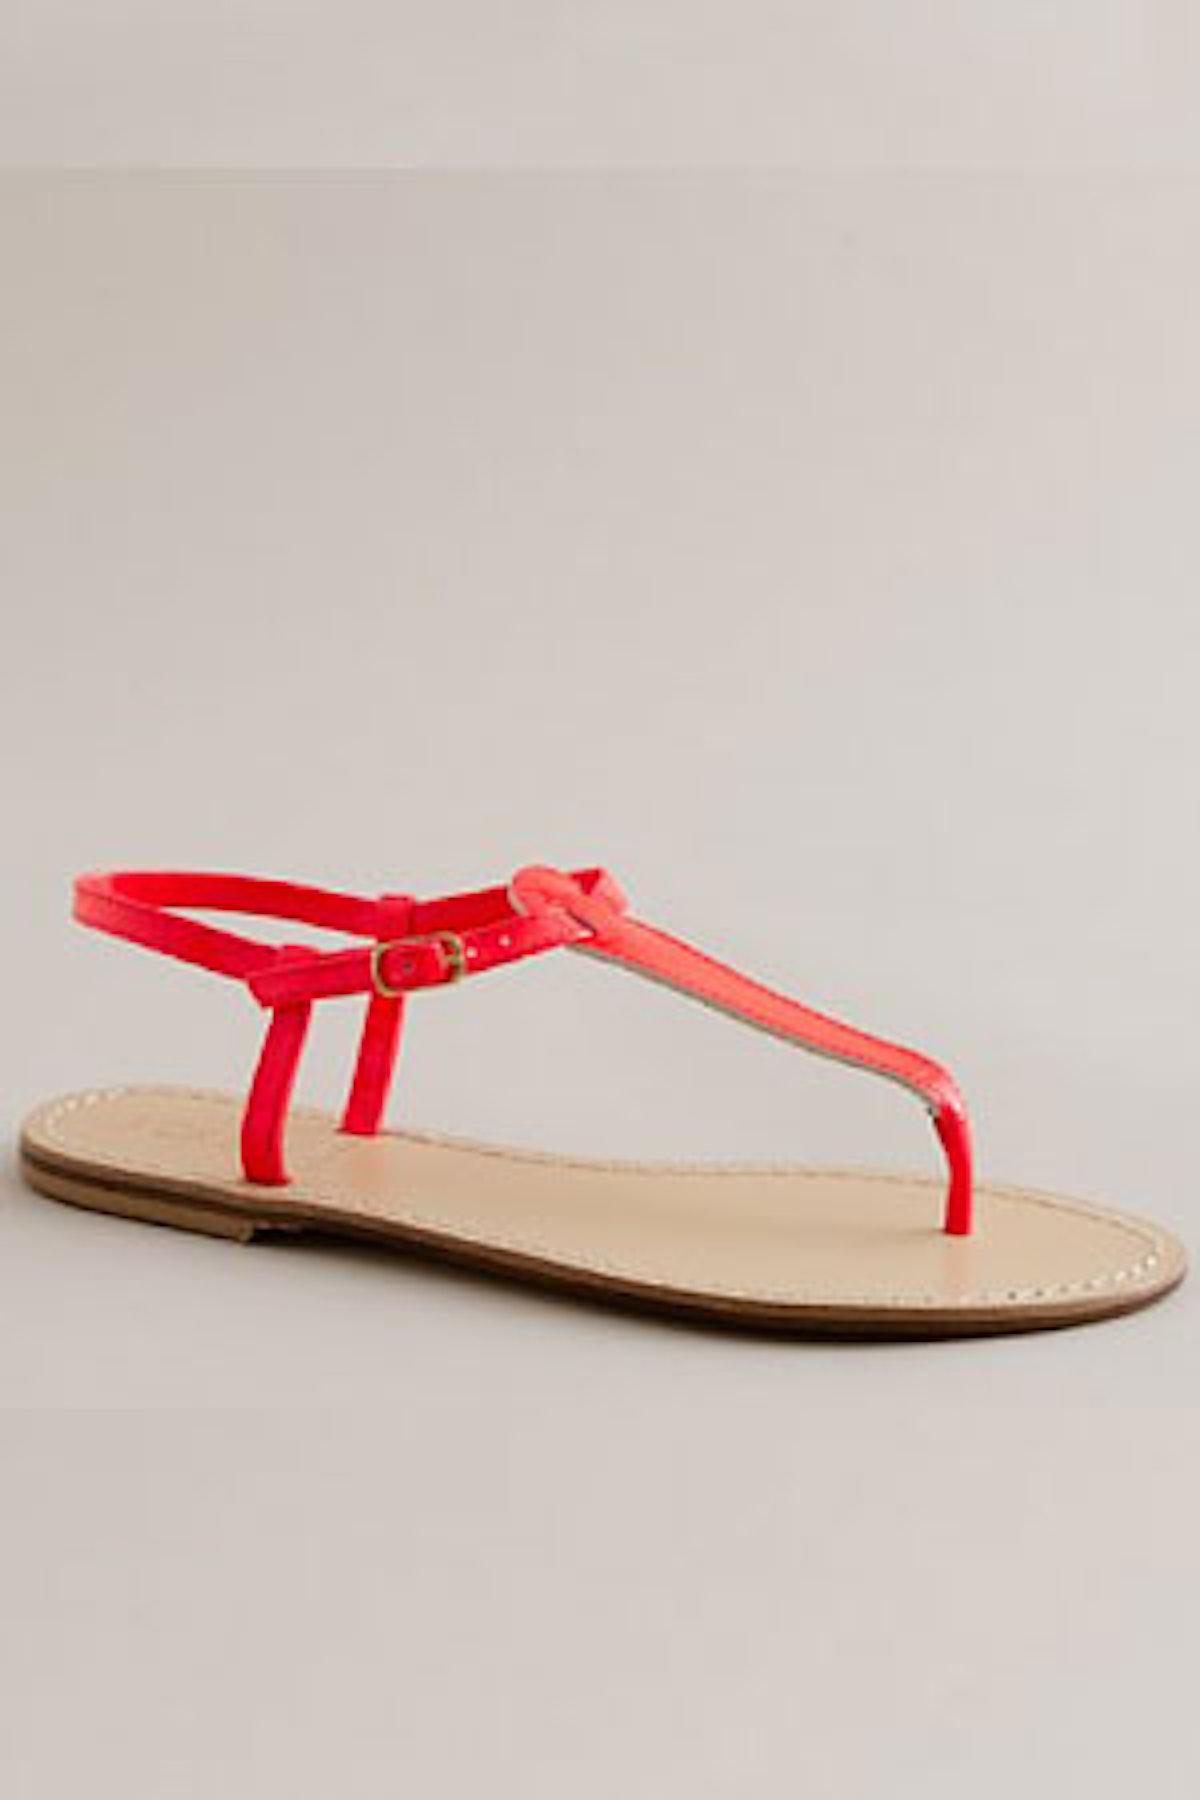 acss_sandals_05_v.jpg